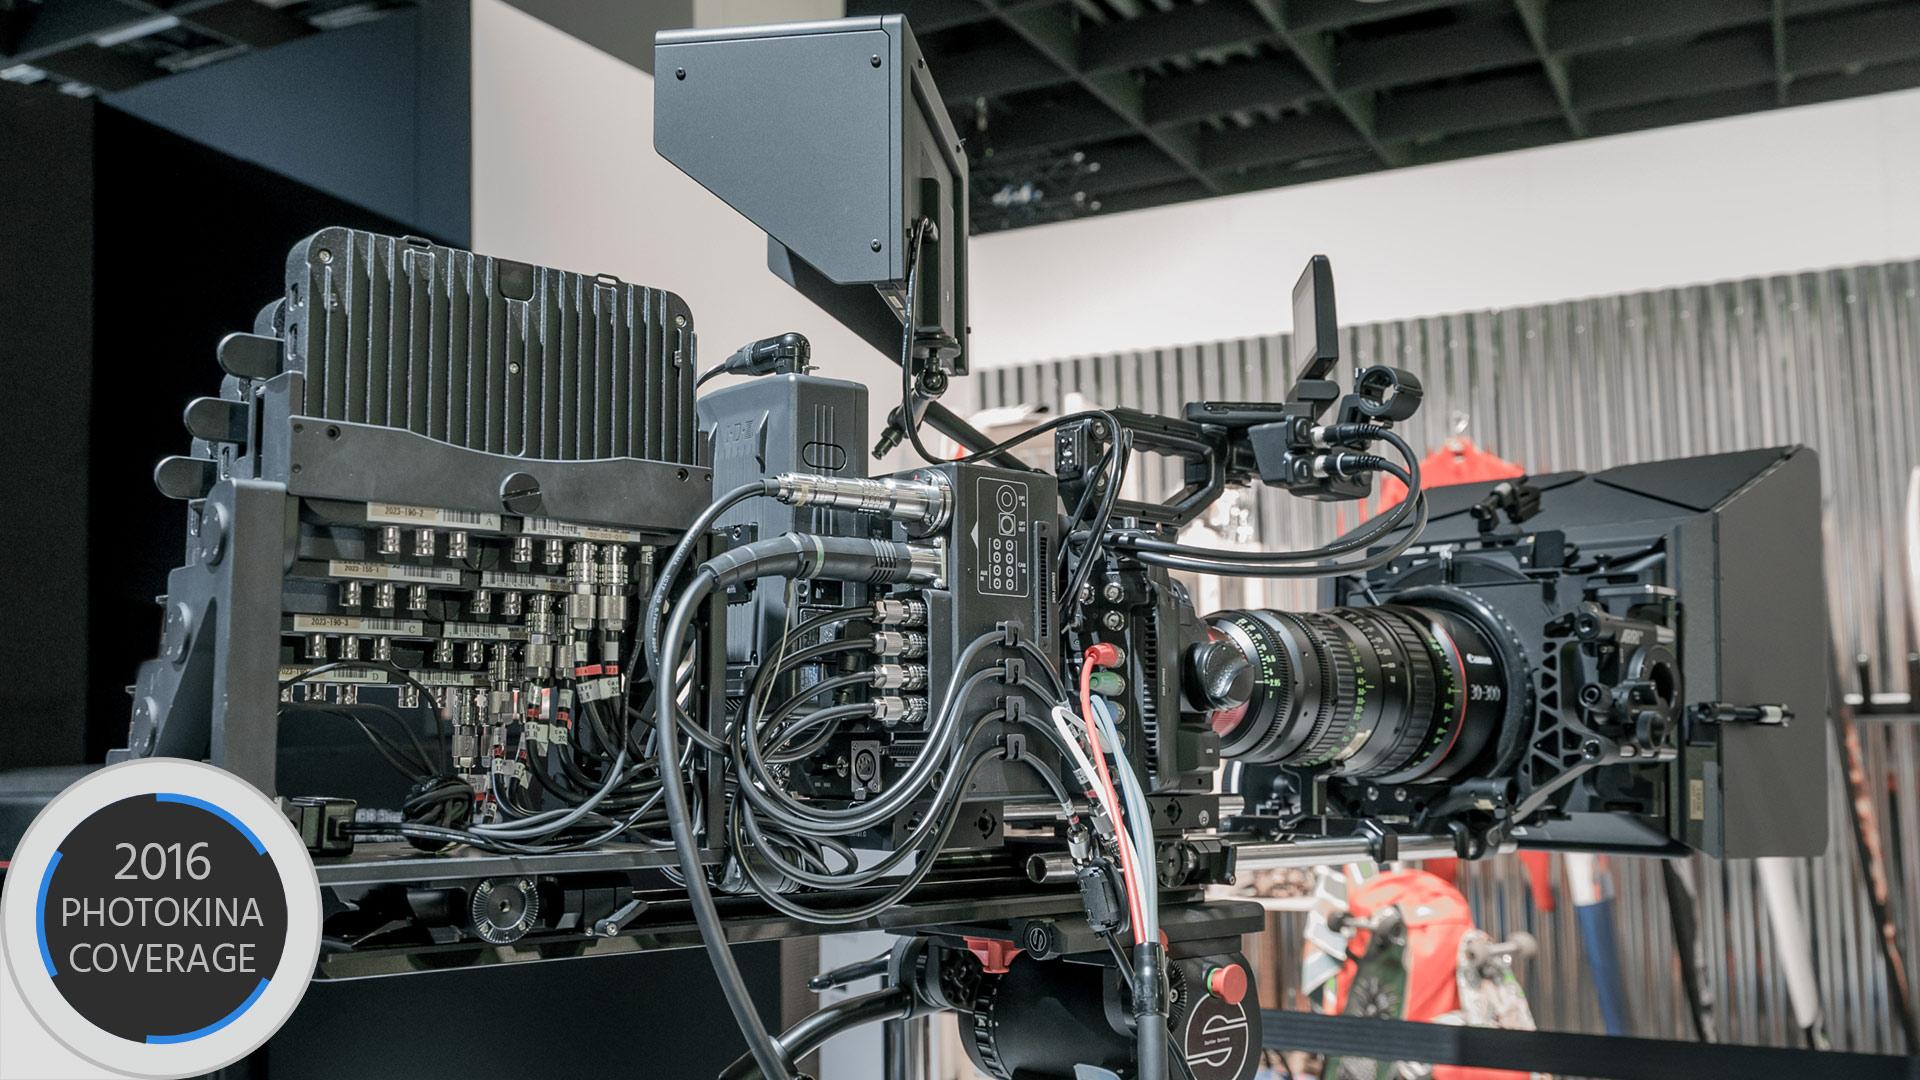 キヤノン8Kカメラ - フォトキナでプロトタイプを展示